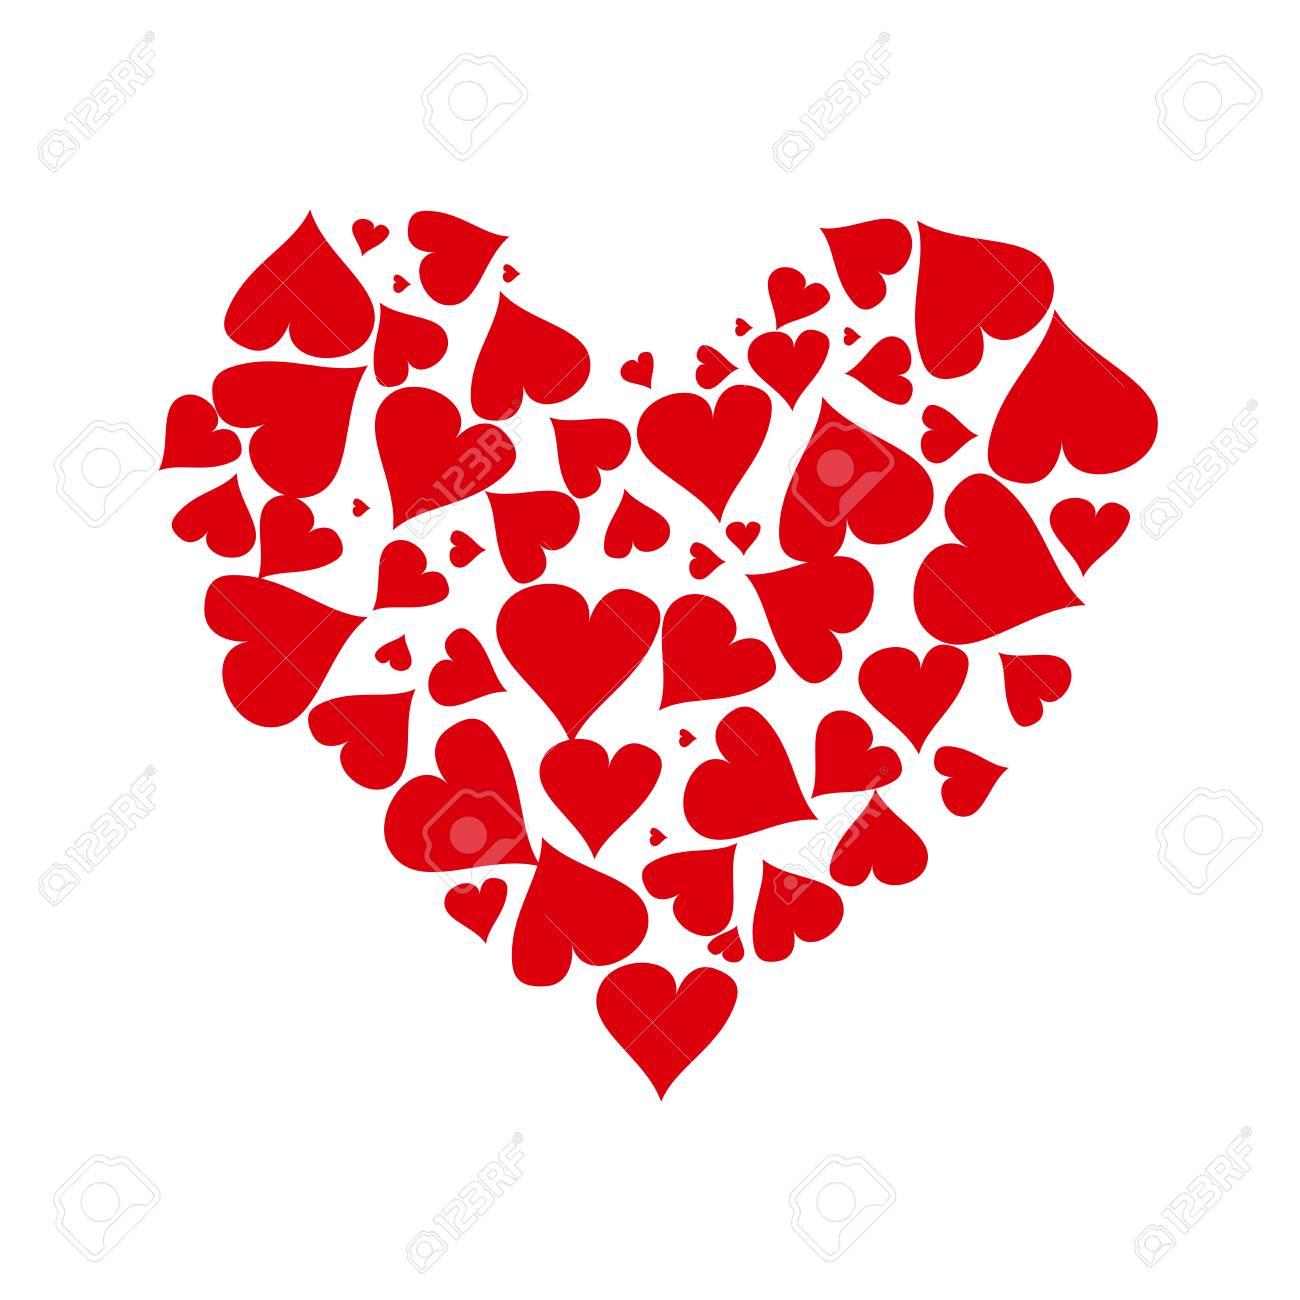 Corazón Hecho De Pequeños Corazones Ilustraciones Vectoriales Clip